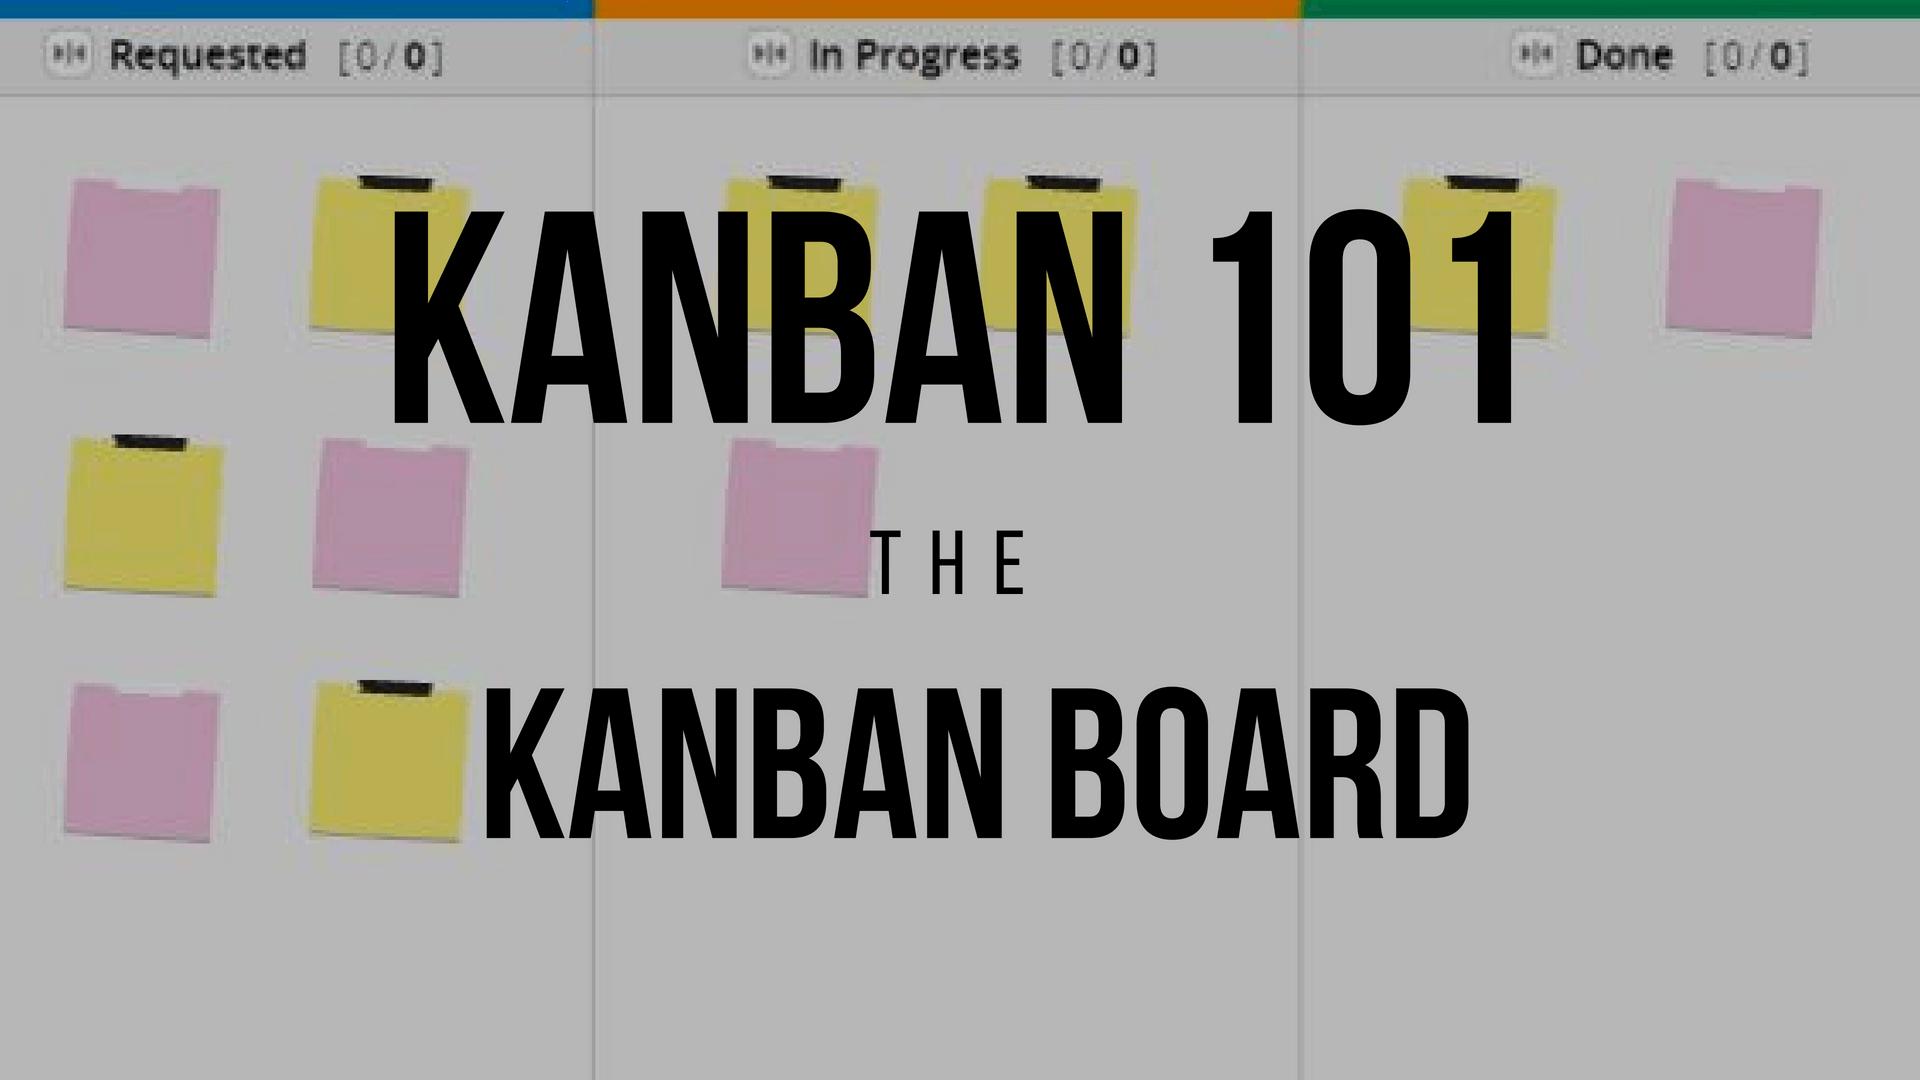 Kanban 101 - Kanban Board